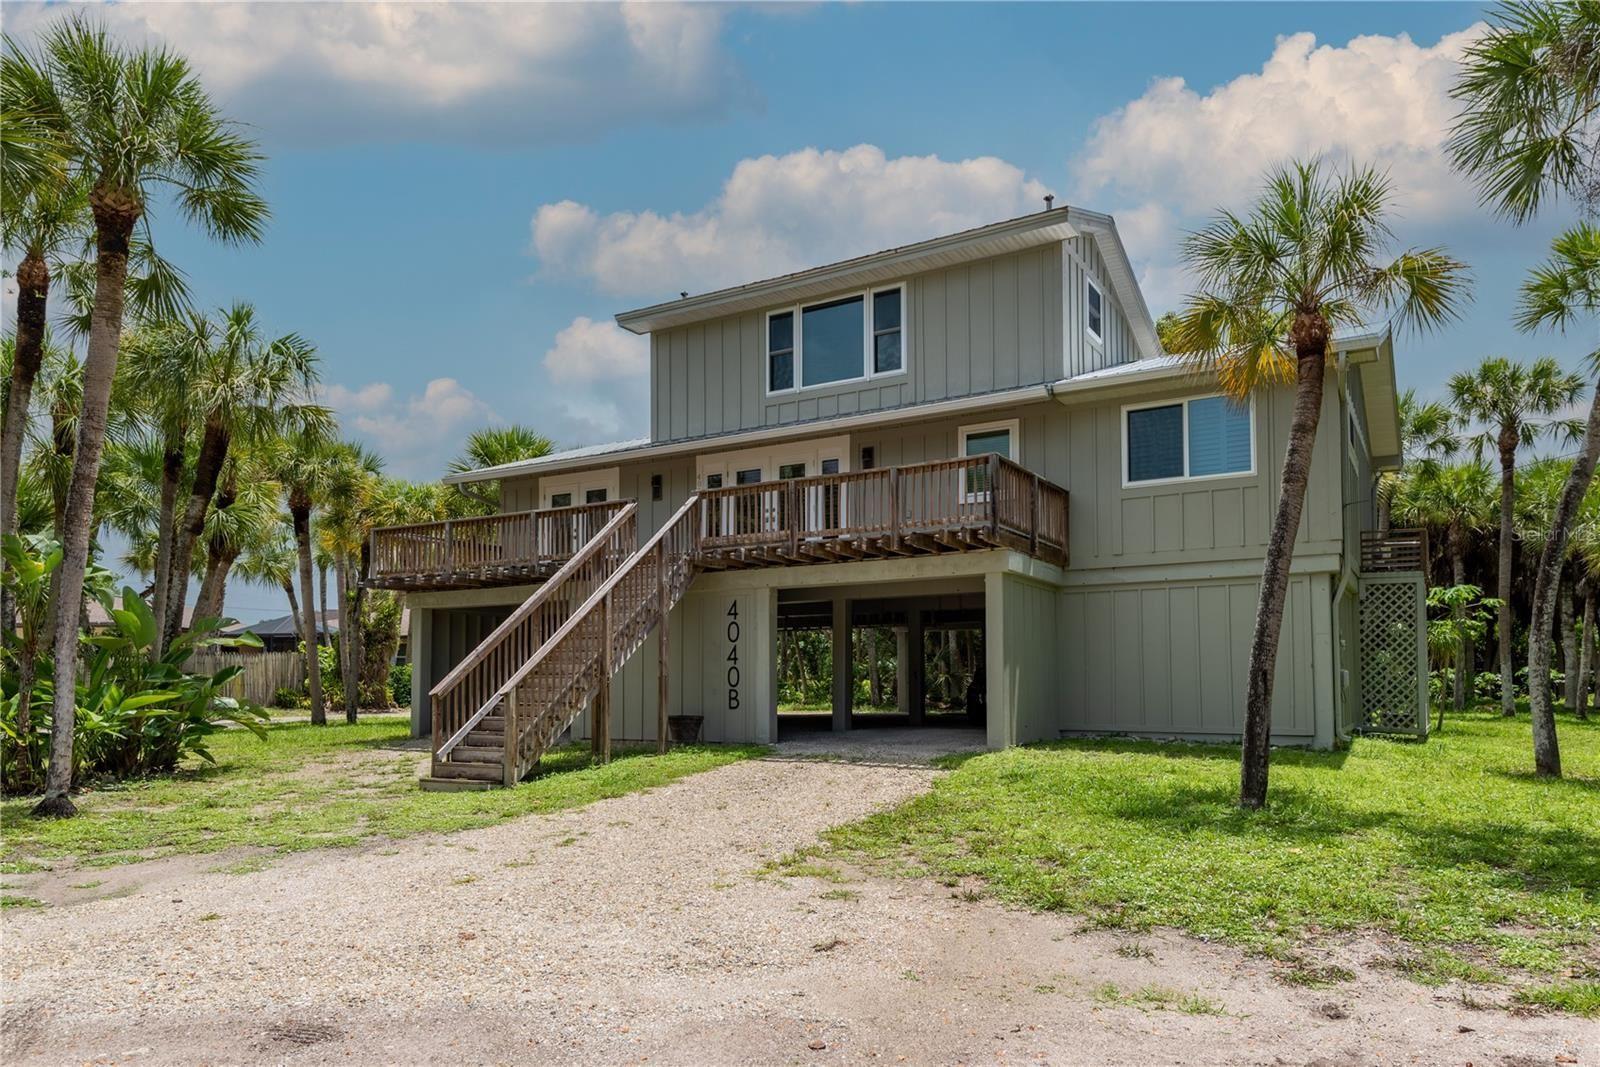 Photo of 4040 N BEACH ROAD #B, ENGLEWOOD, FL 34223 (MLS # C7446377)